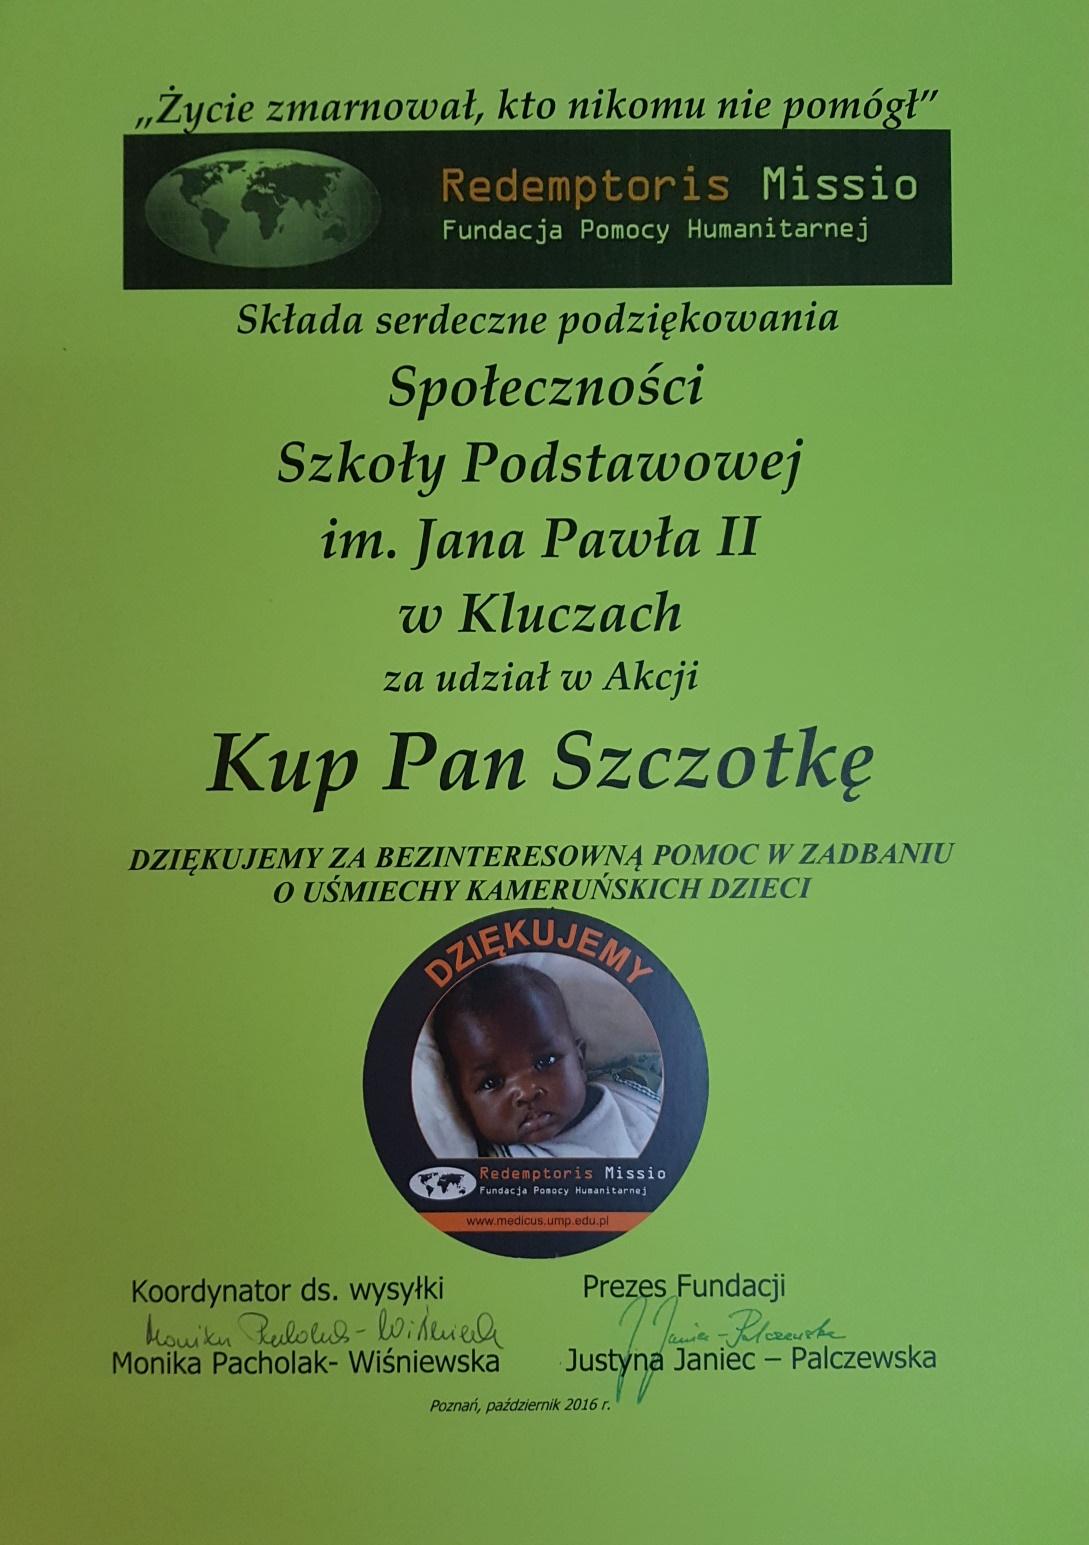 kup-pan-szczotke